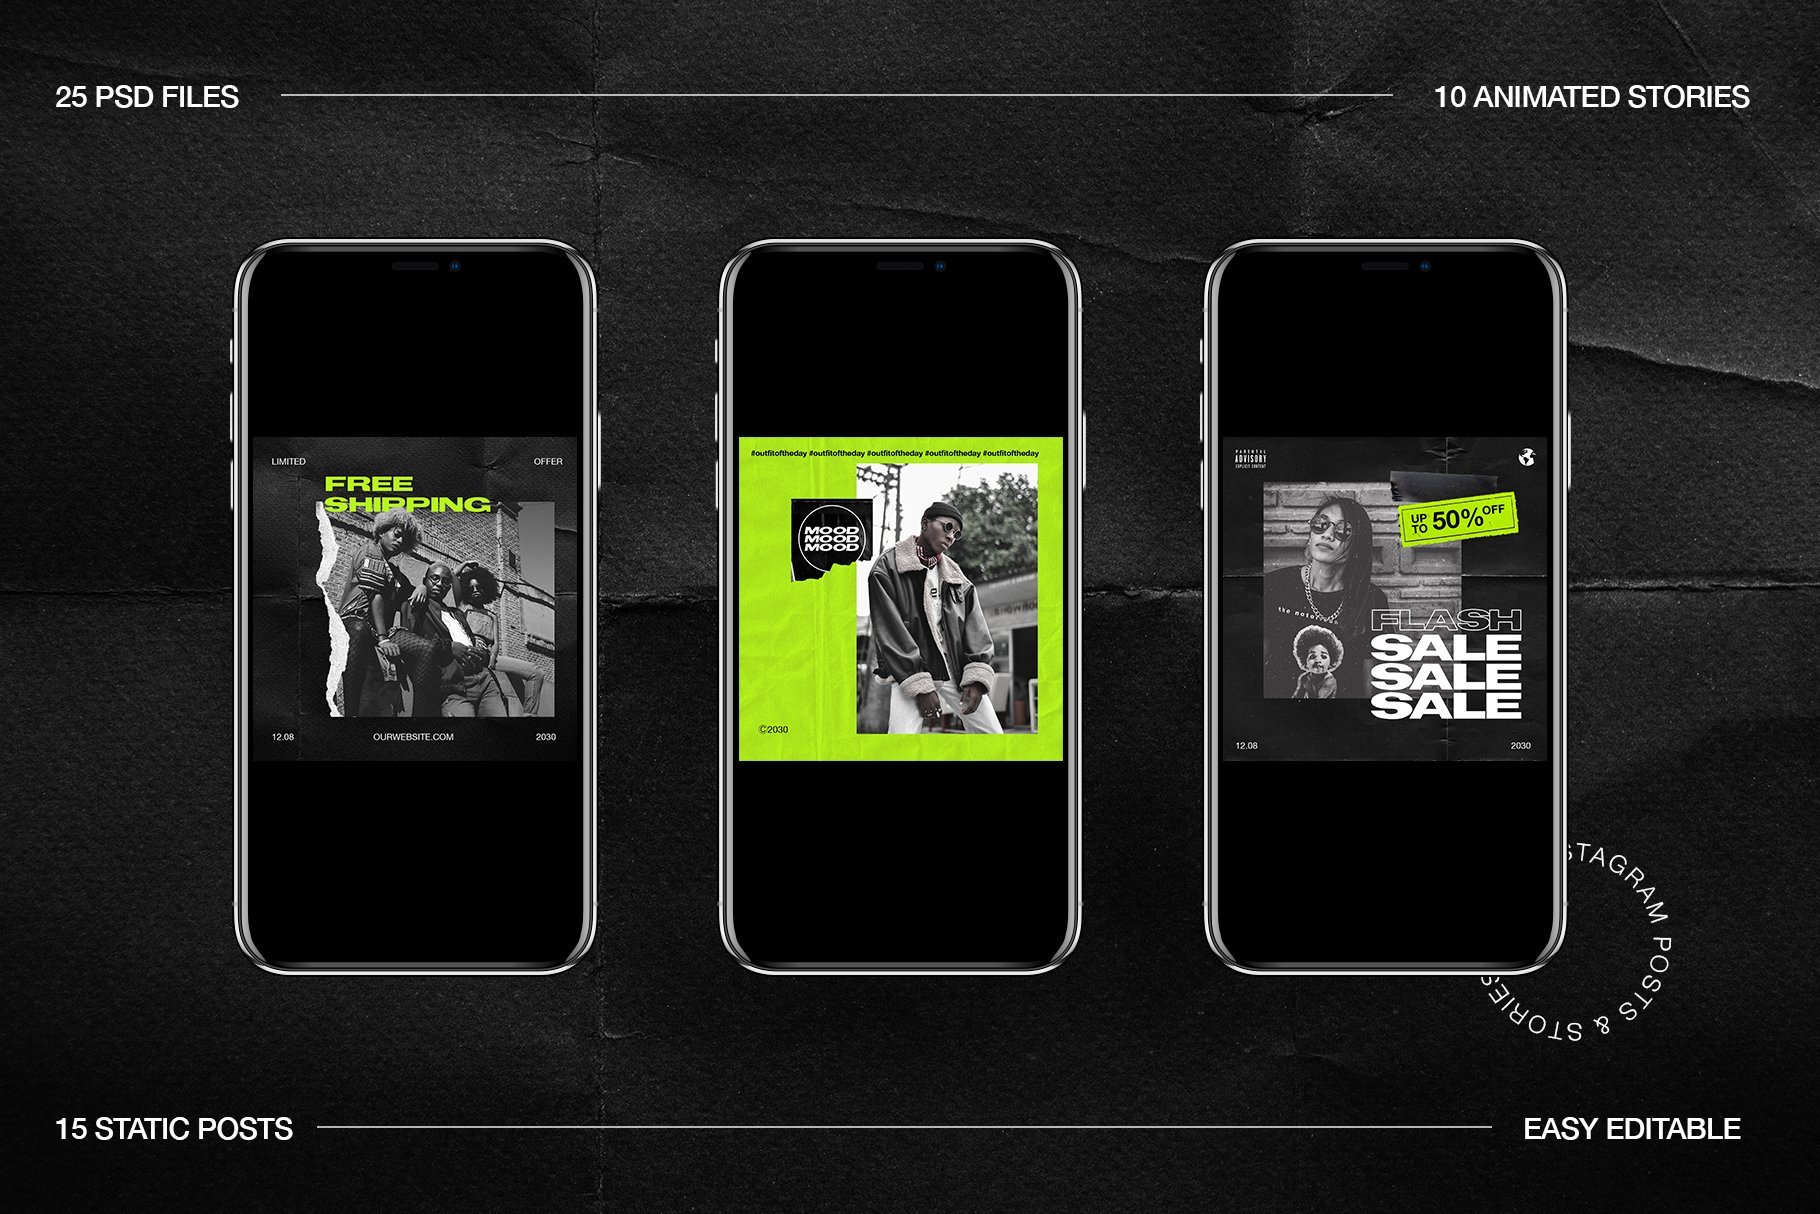 [淘宝购买] 潮流霓虹撕纸效果新媒体推广电商海报设计PSD模板 Neon Instagram Posts & Stories插图(5)